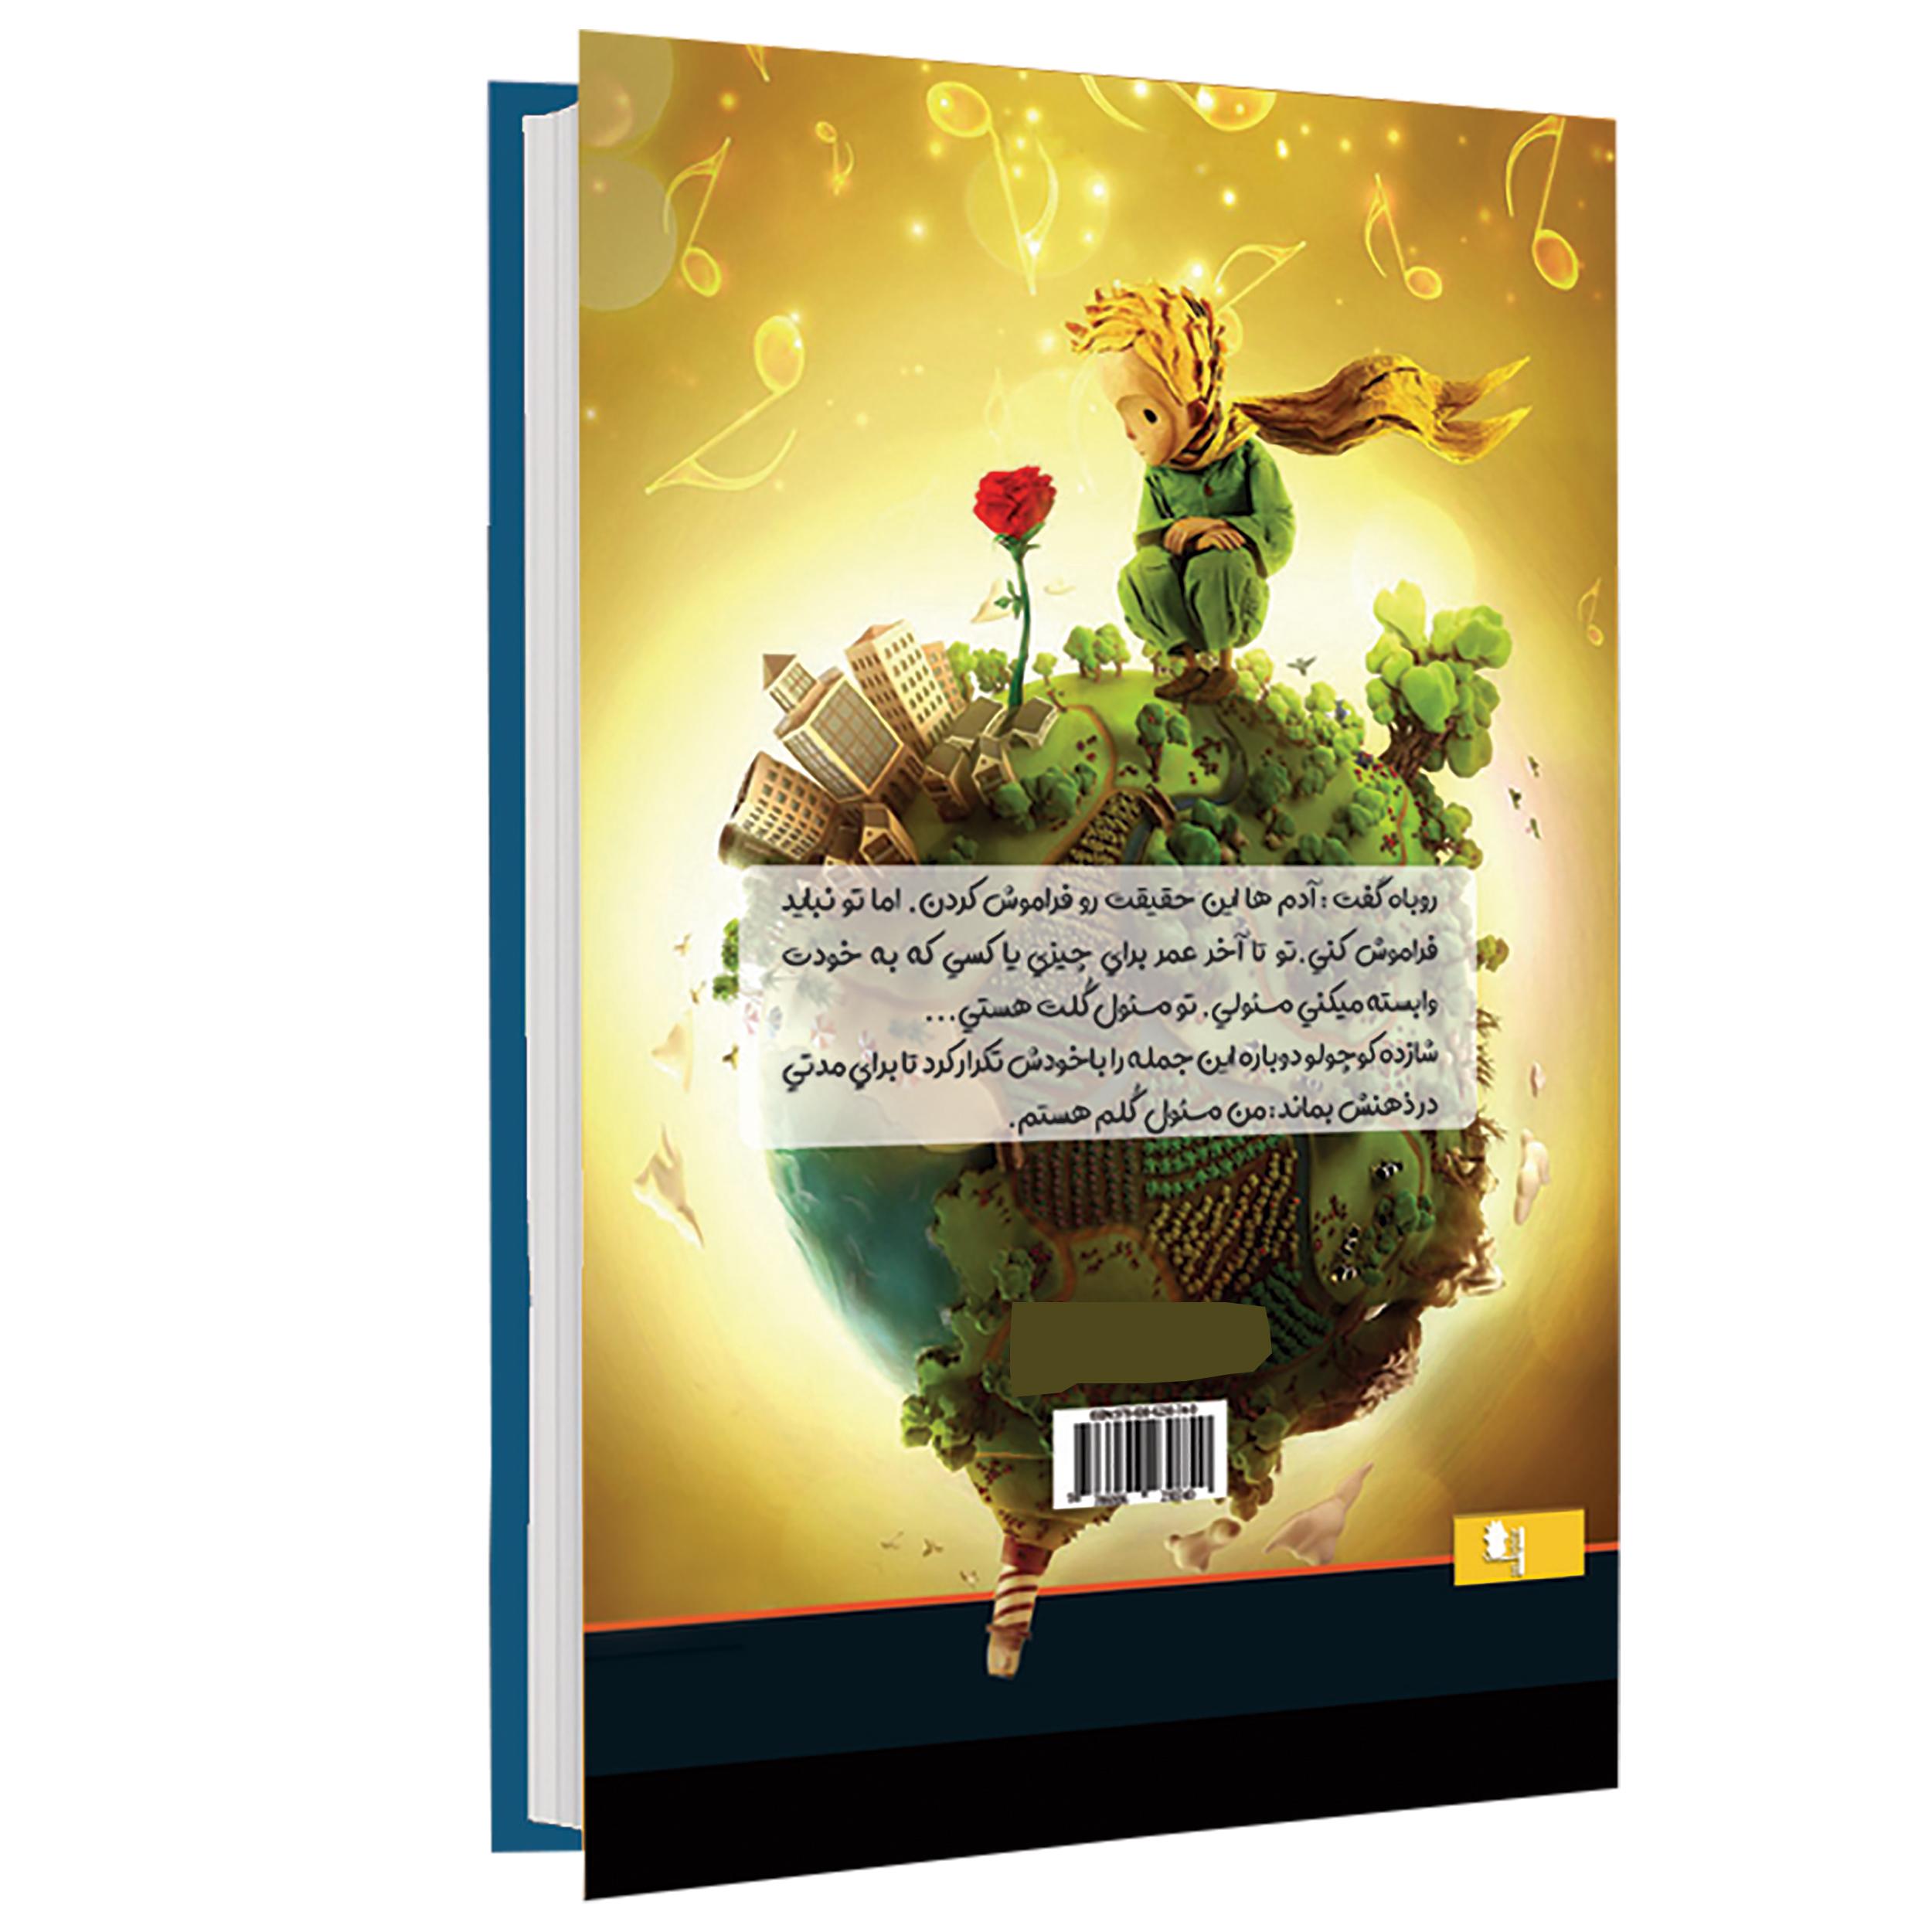 کتاب شازده کوچولو اثر آنتوان دوسنت اگزوپری انتشارات نگین ایران main 1 1